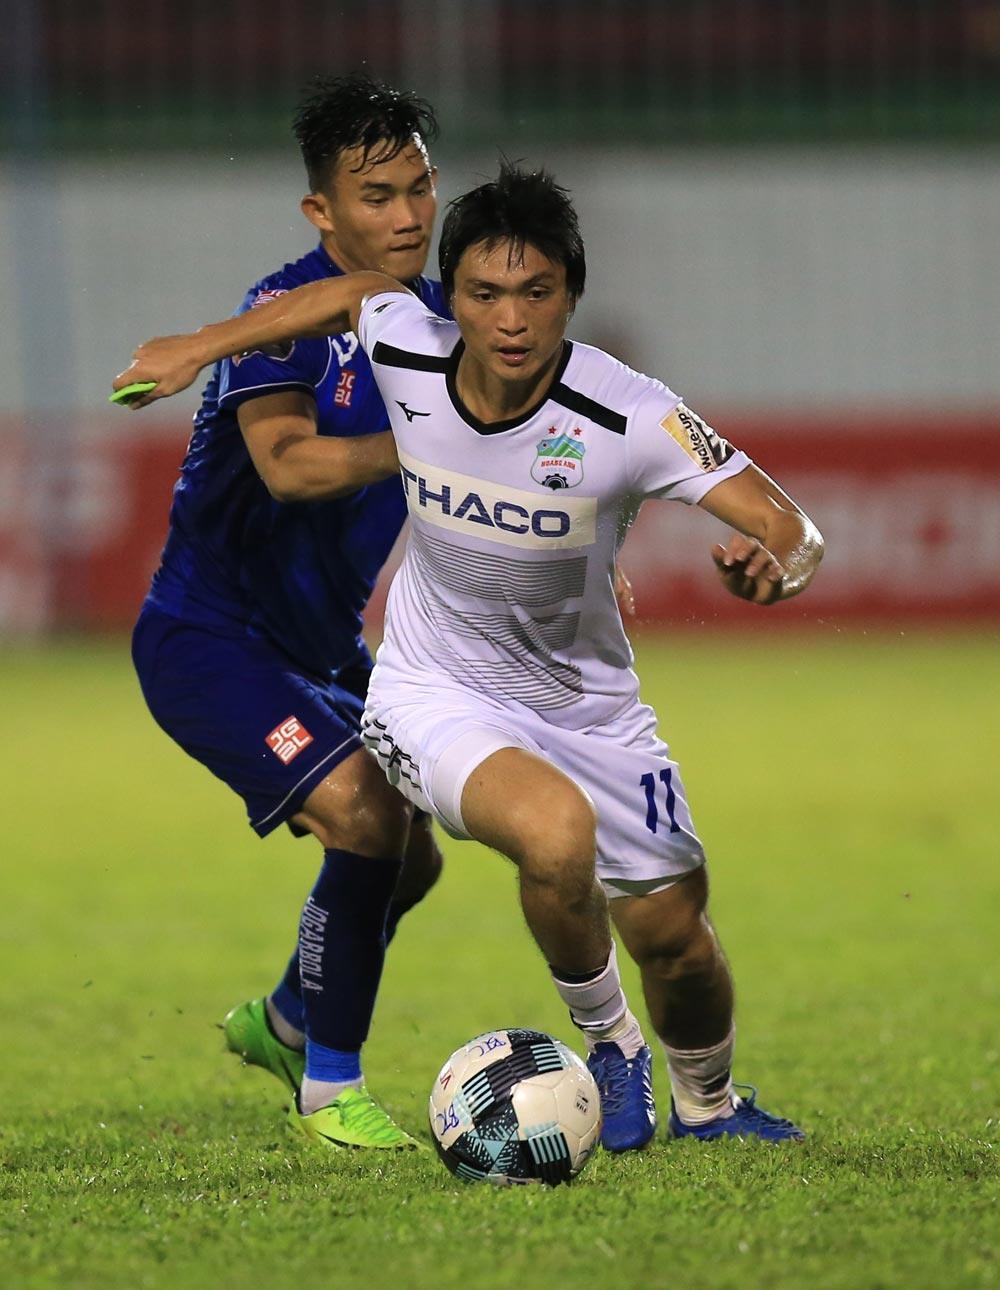 Tuấn Anh và các đồng đội để thua Quảng Nam ngay trên sân nhà, qua đó rơi xuống nhóm cuối trên BXH. Ảnh: VPF